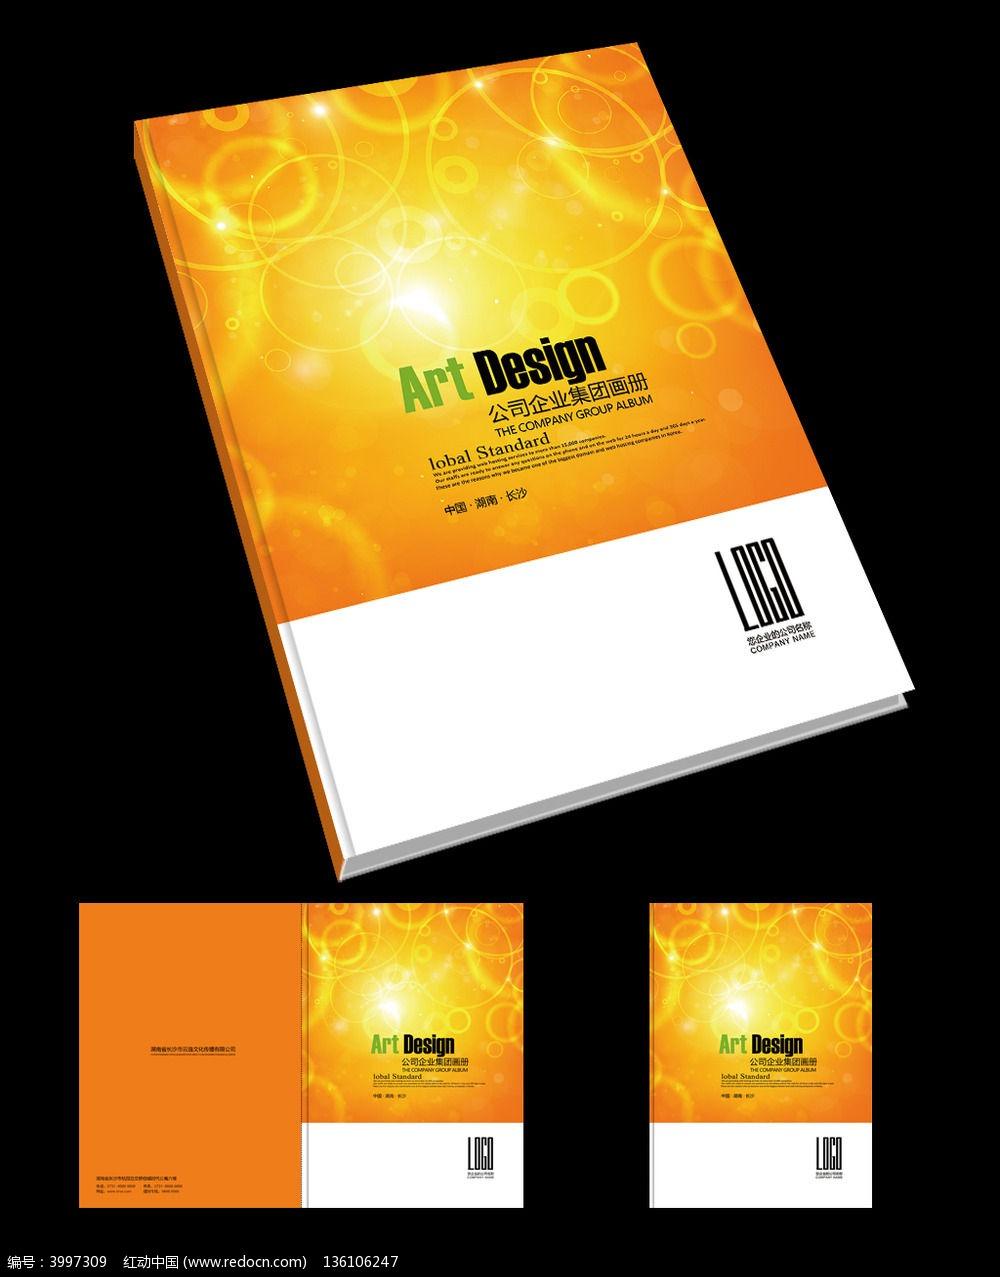 原创设计稿 画册设计/书籍/菜谱 封面设计 金融艺术产品画册封面  请图片